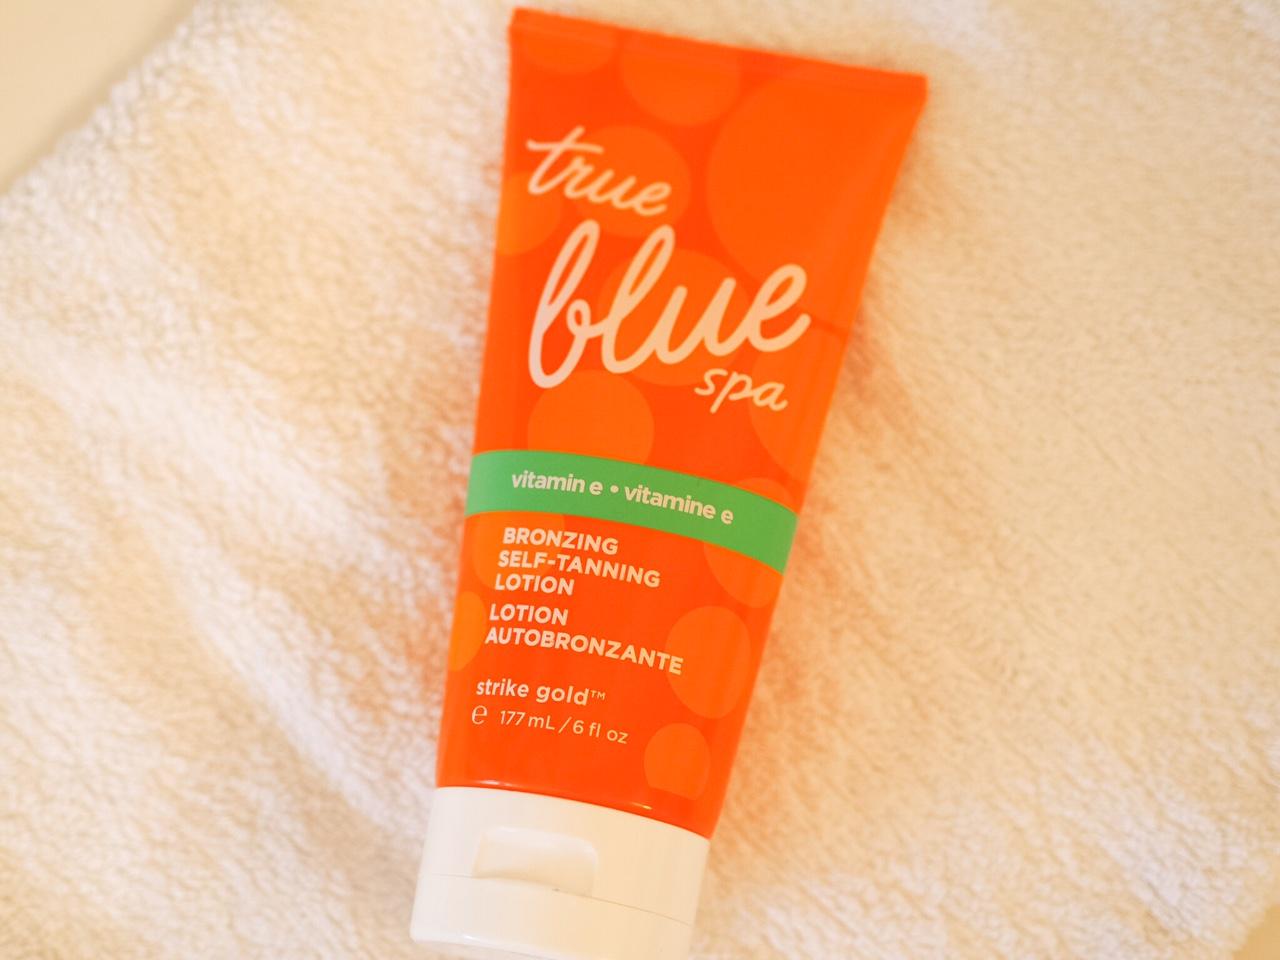 True Blue Spa bath and body works